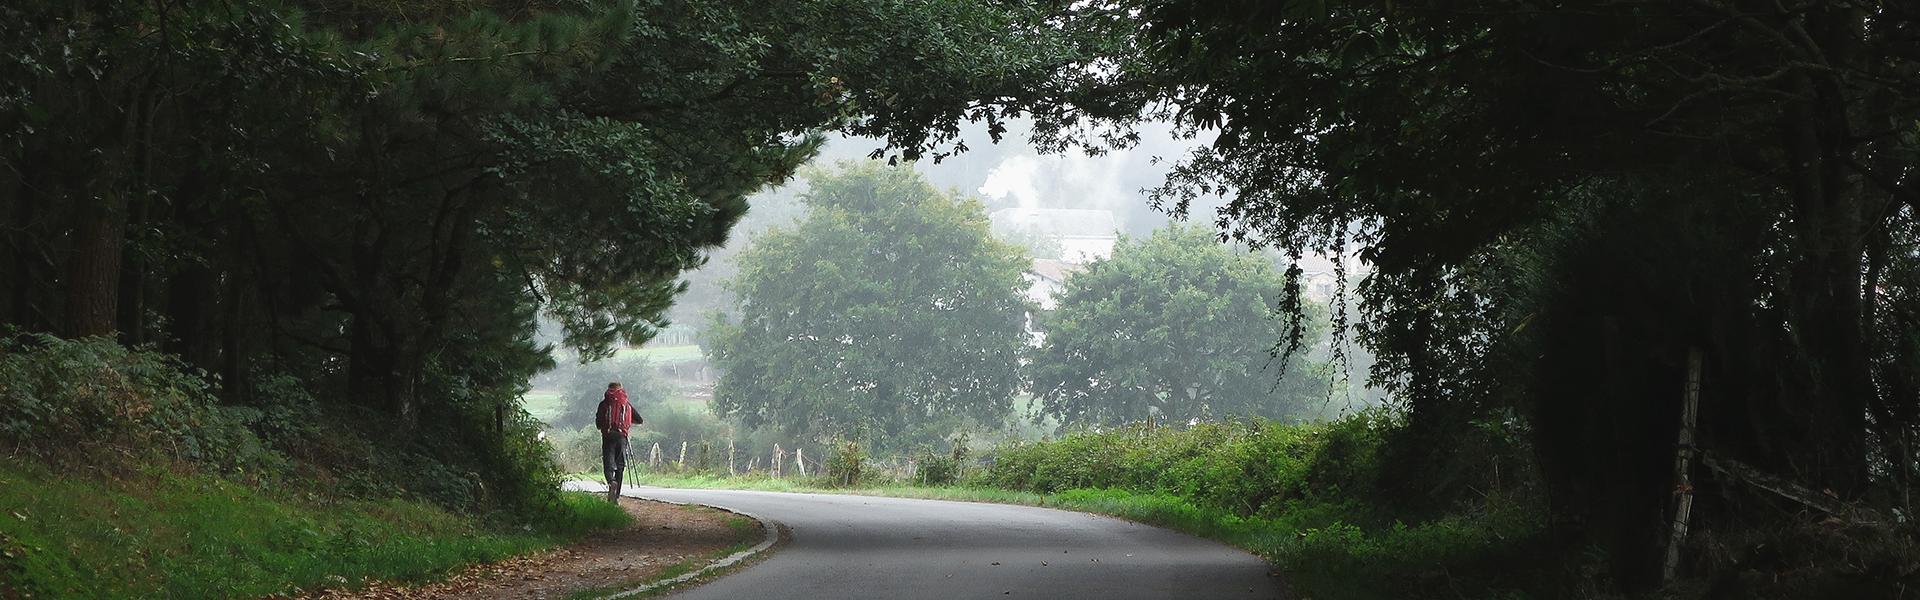 camino de santiago por la via de la plata